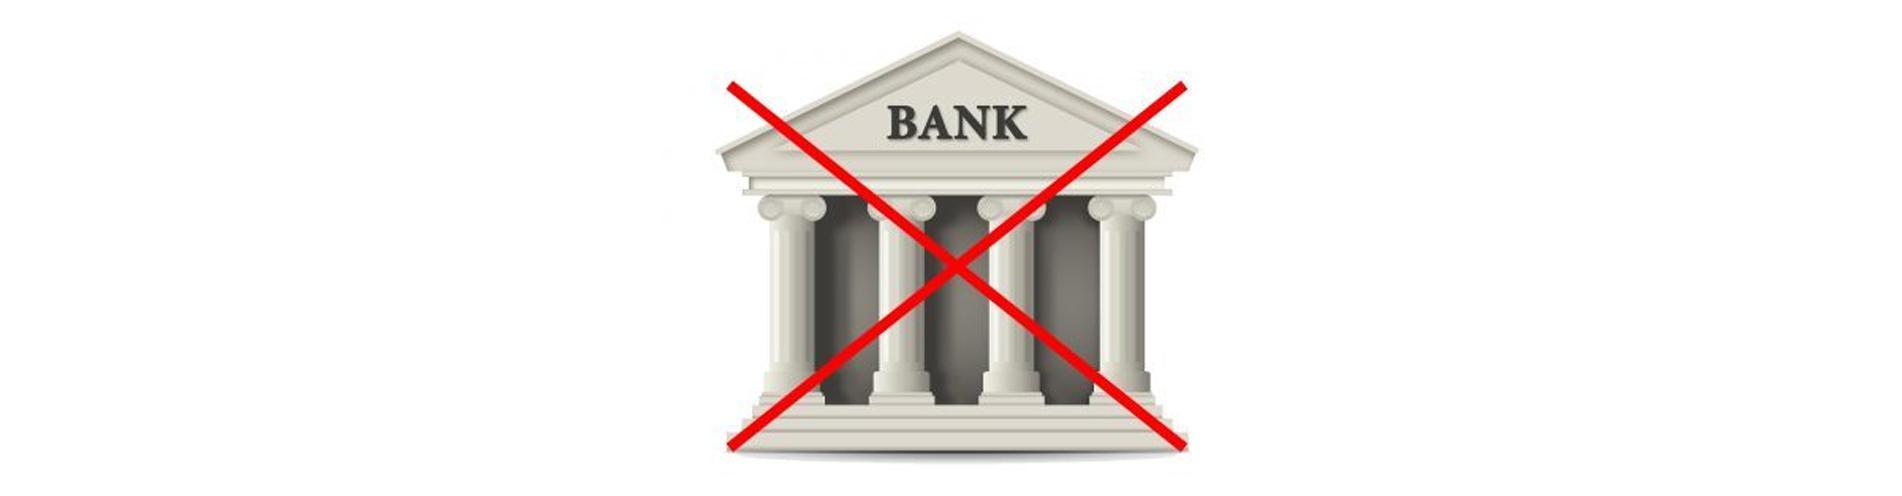 Le prêt viager hypothécaire : Une fausse bonne idée ?